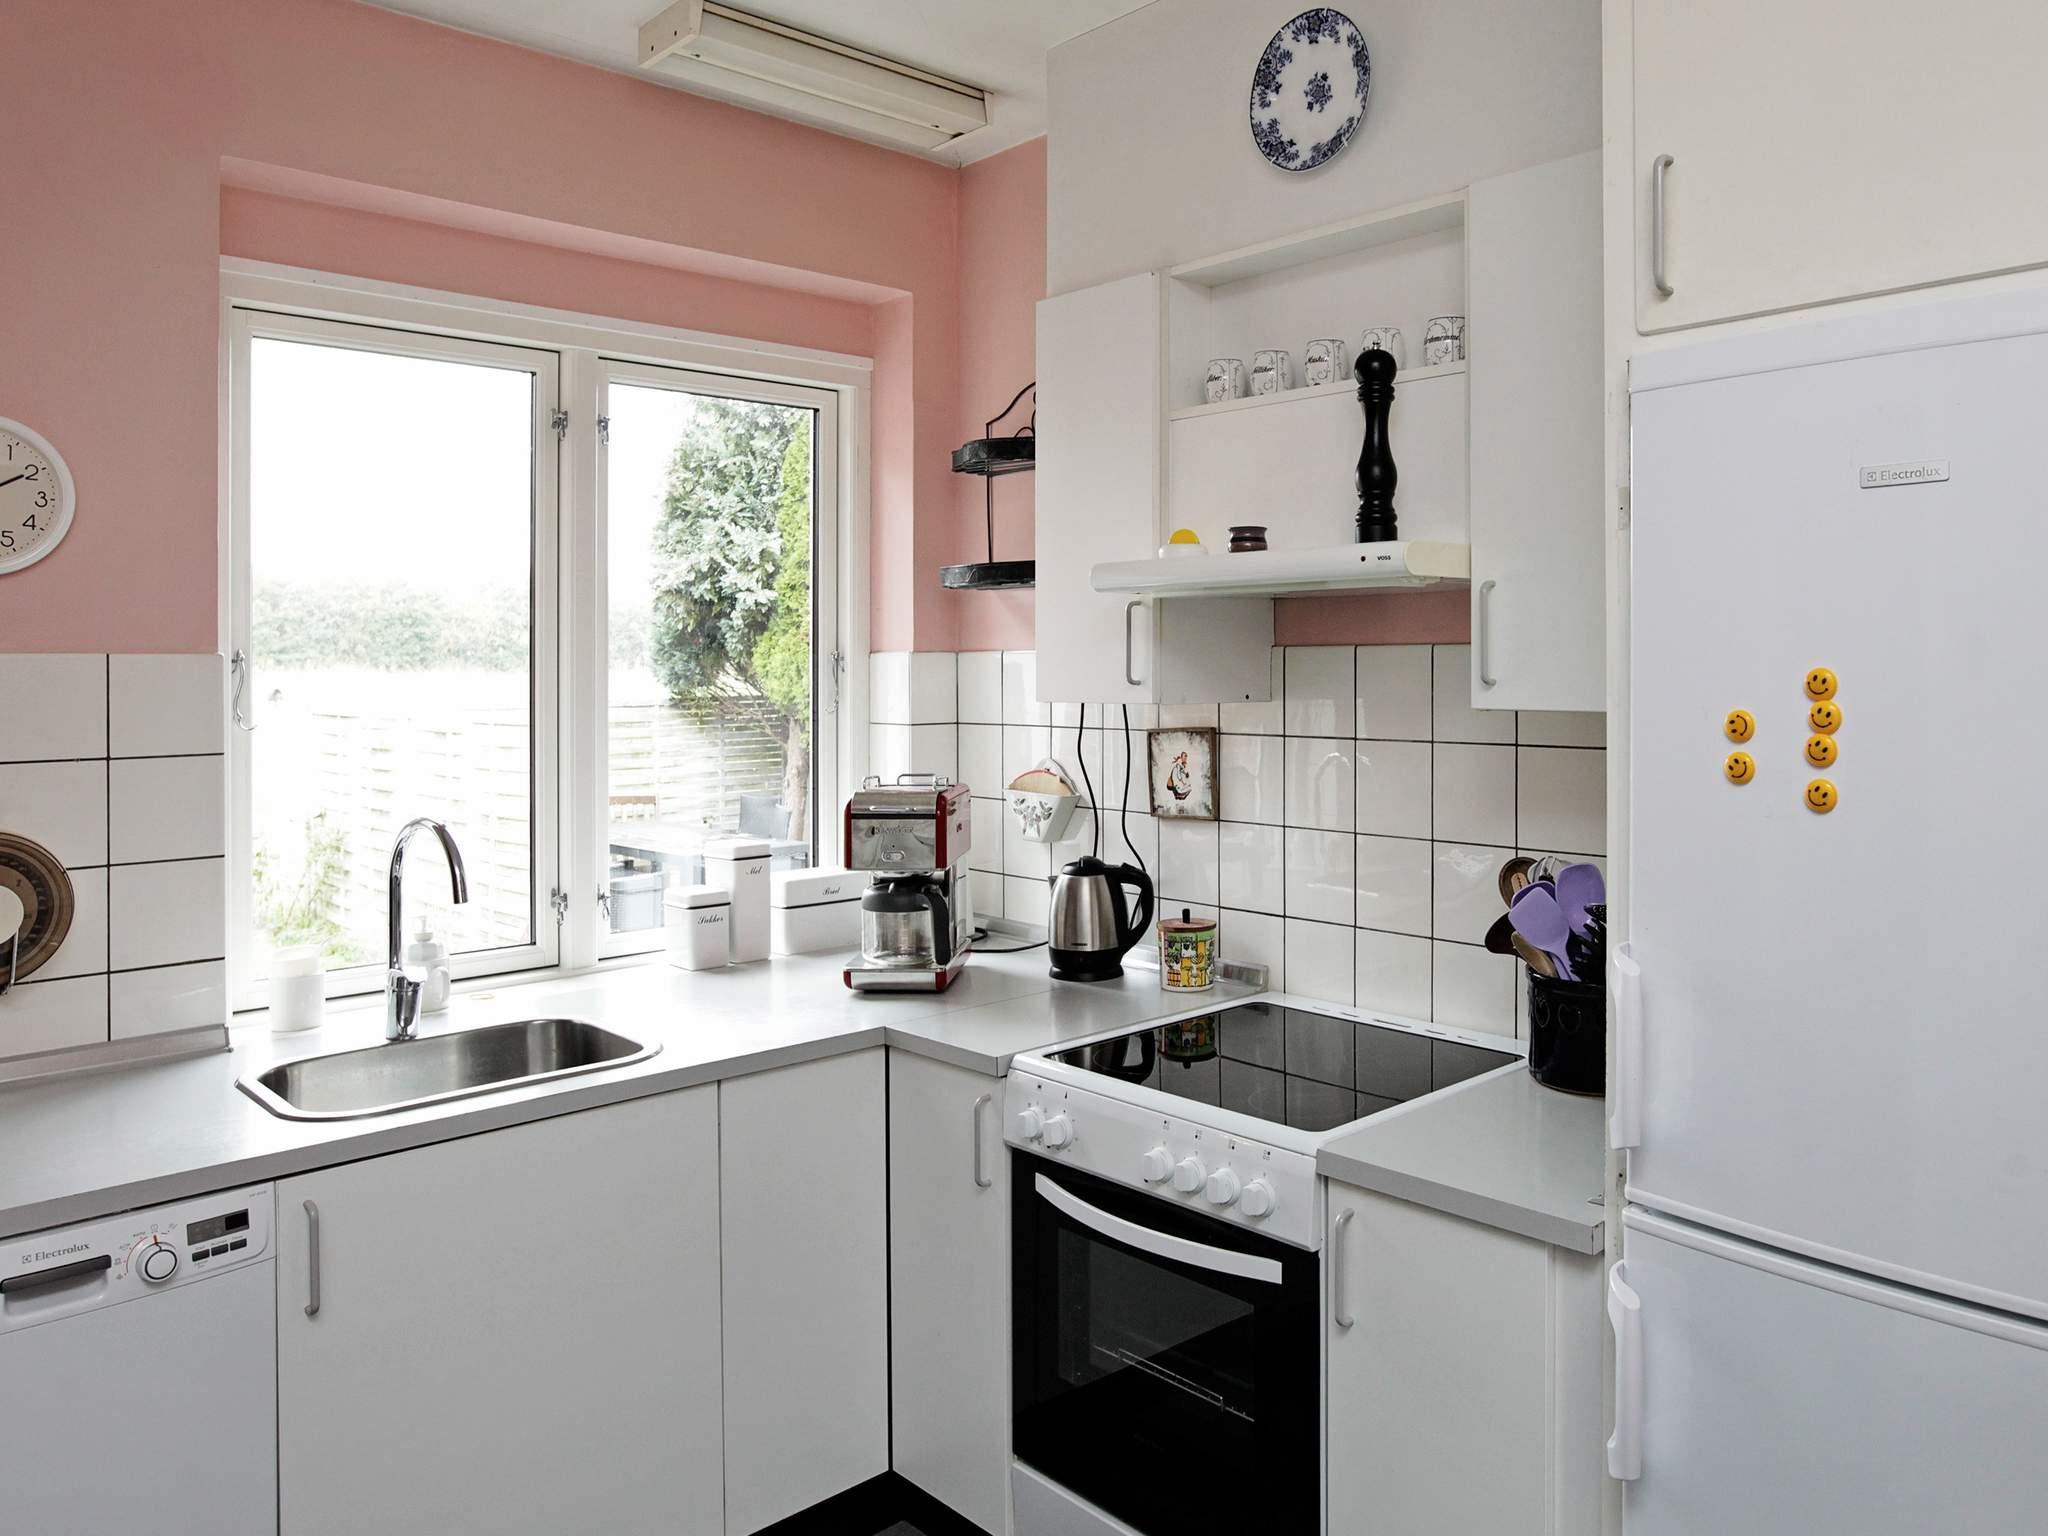 Ferienhaus Ærø/Ærøskøbing (681751), Ærøskøbing, , Ærø, Dänemark, Bild 5